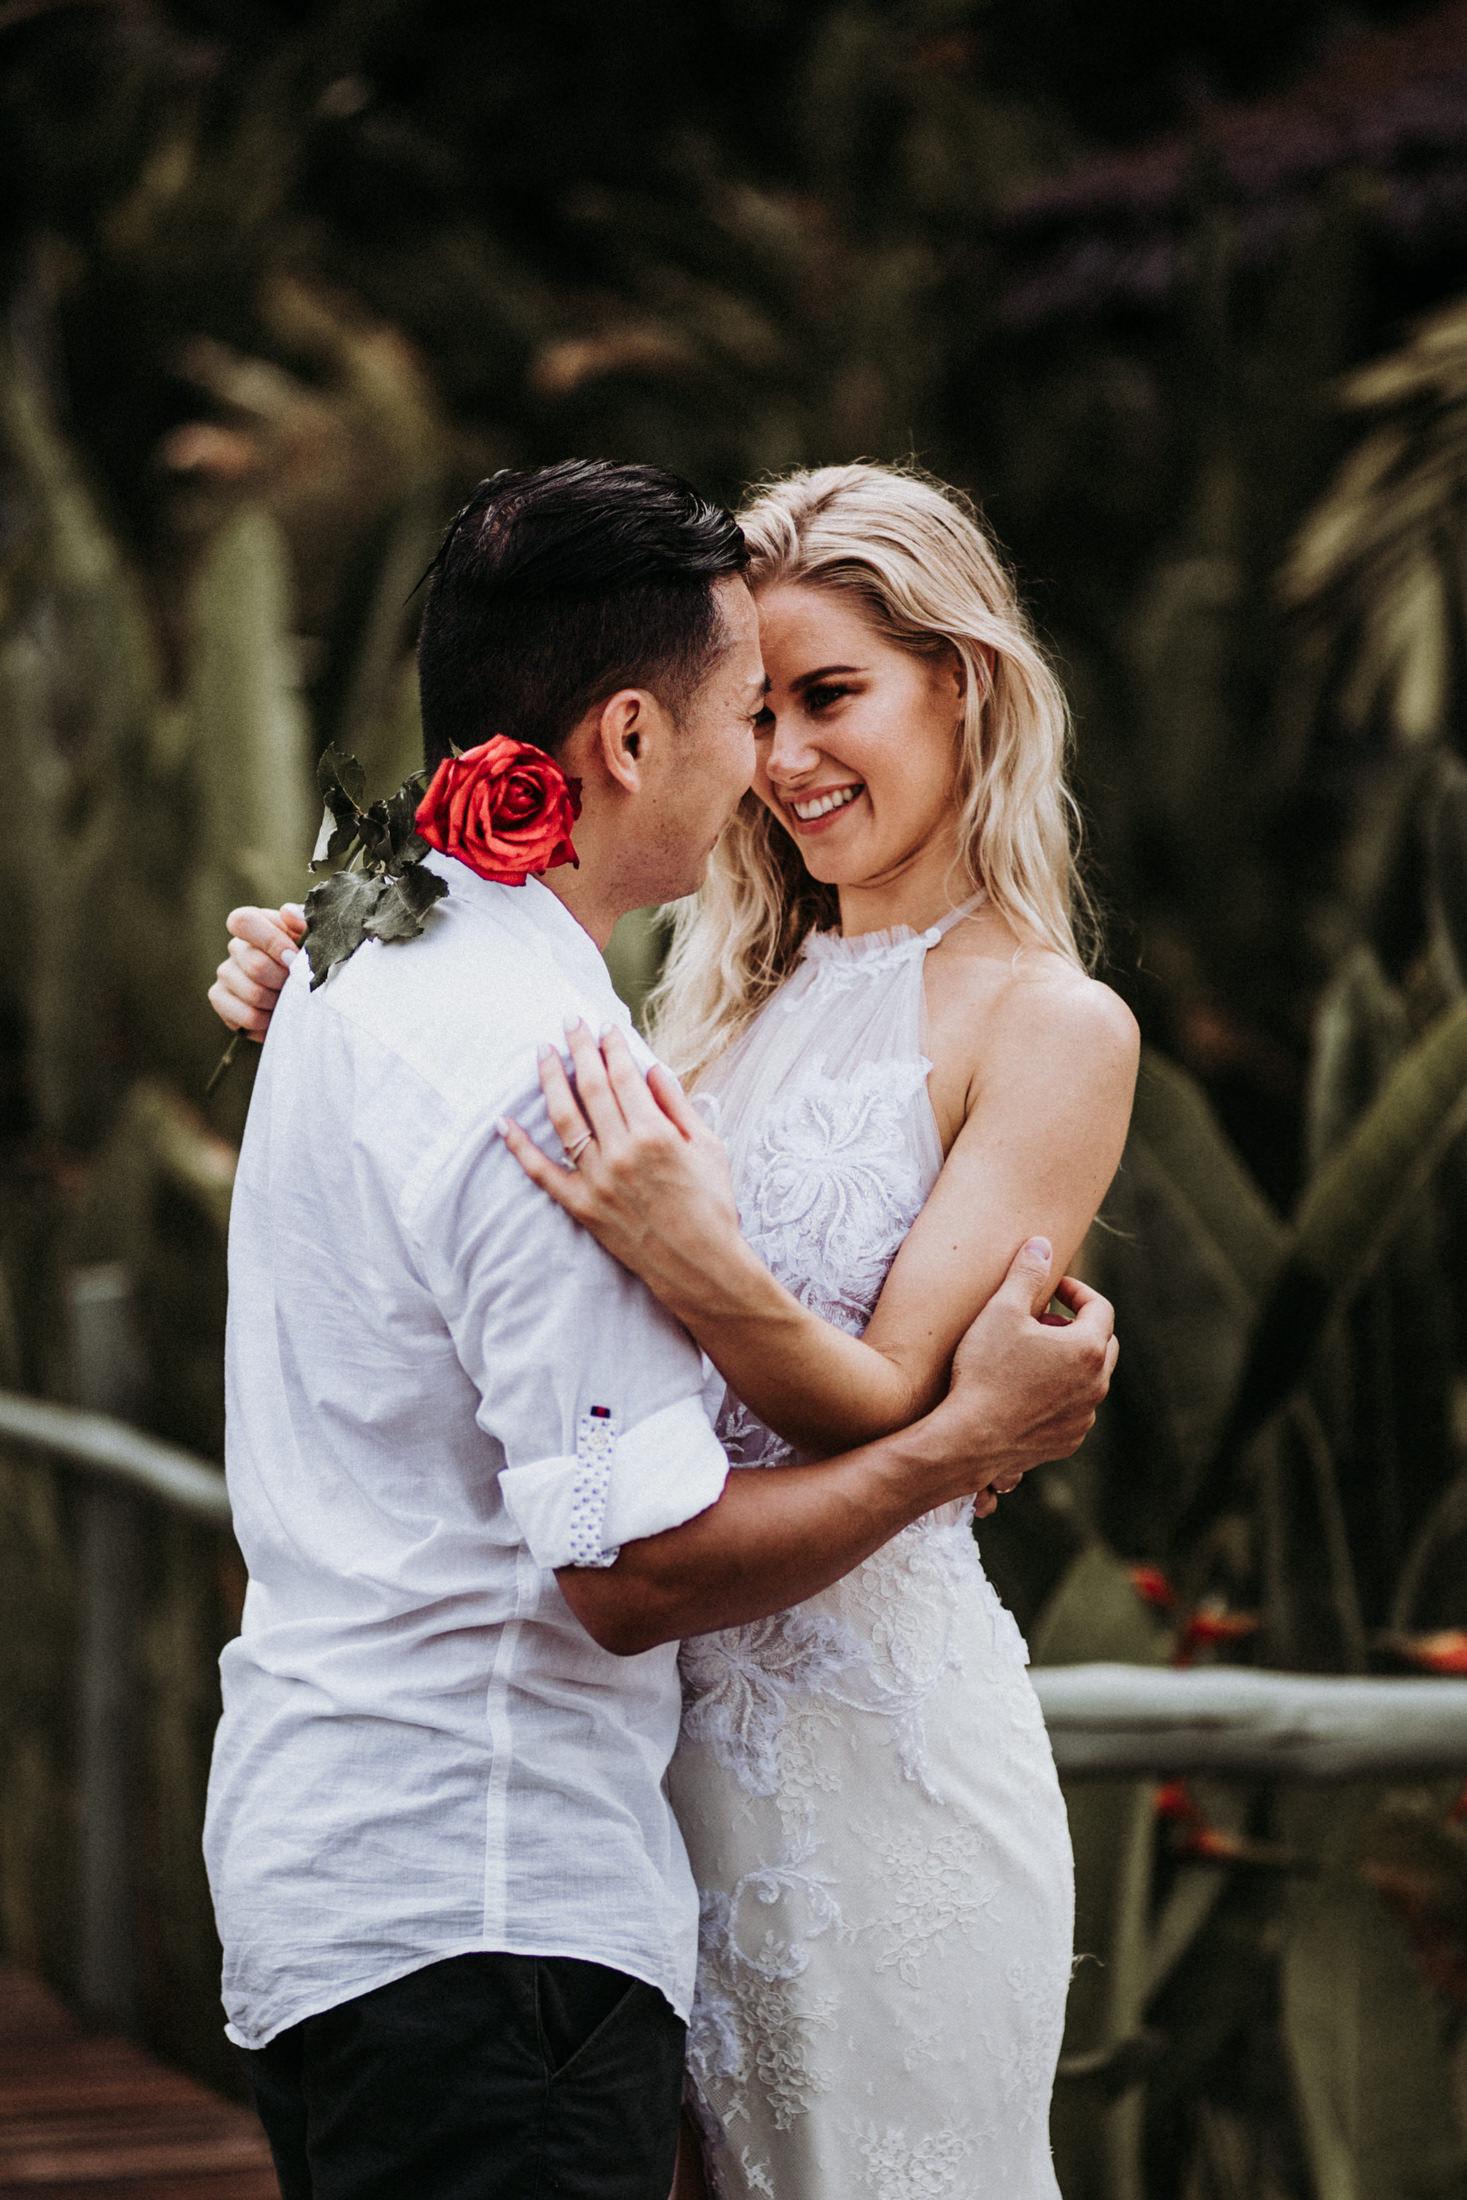 DanielaMarquardt_Wedding_Thailand_500